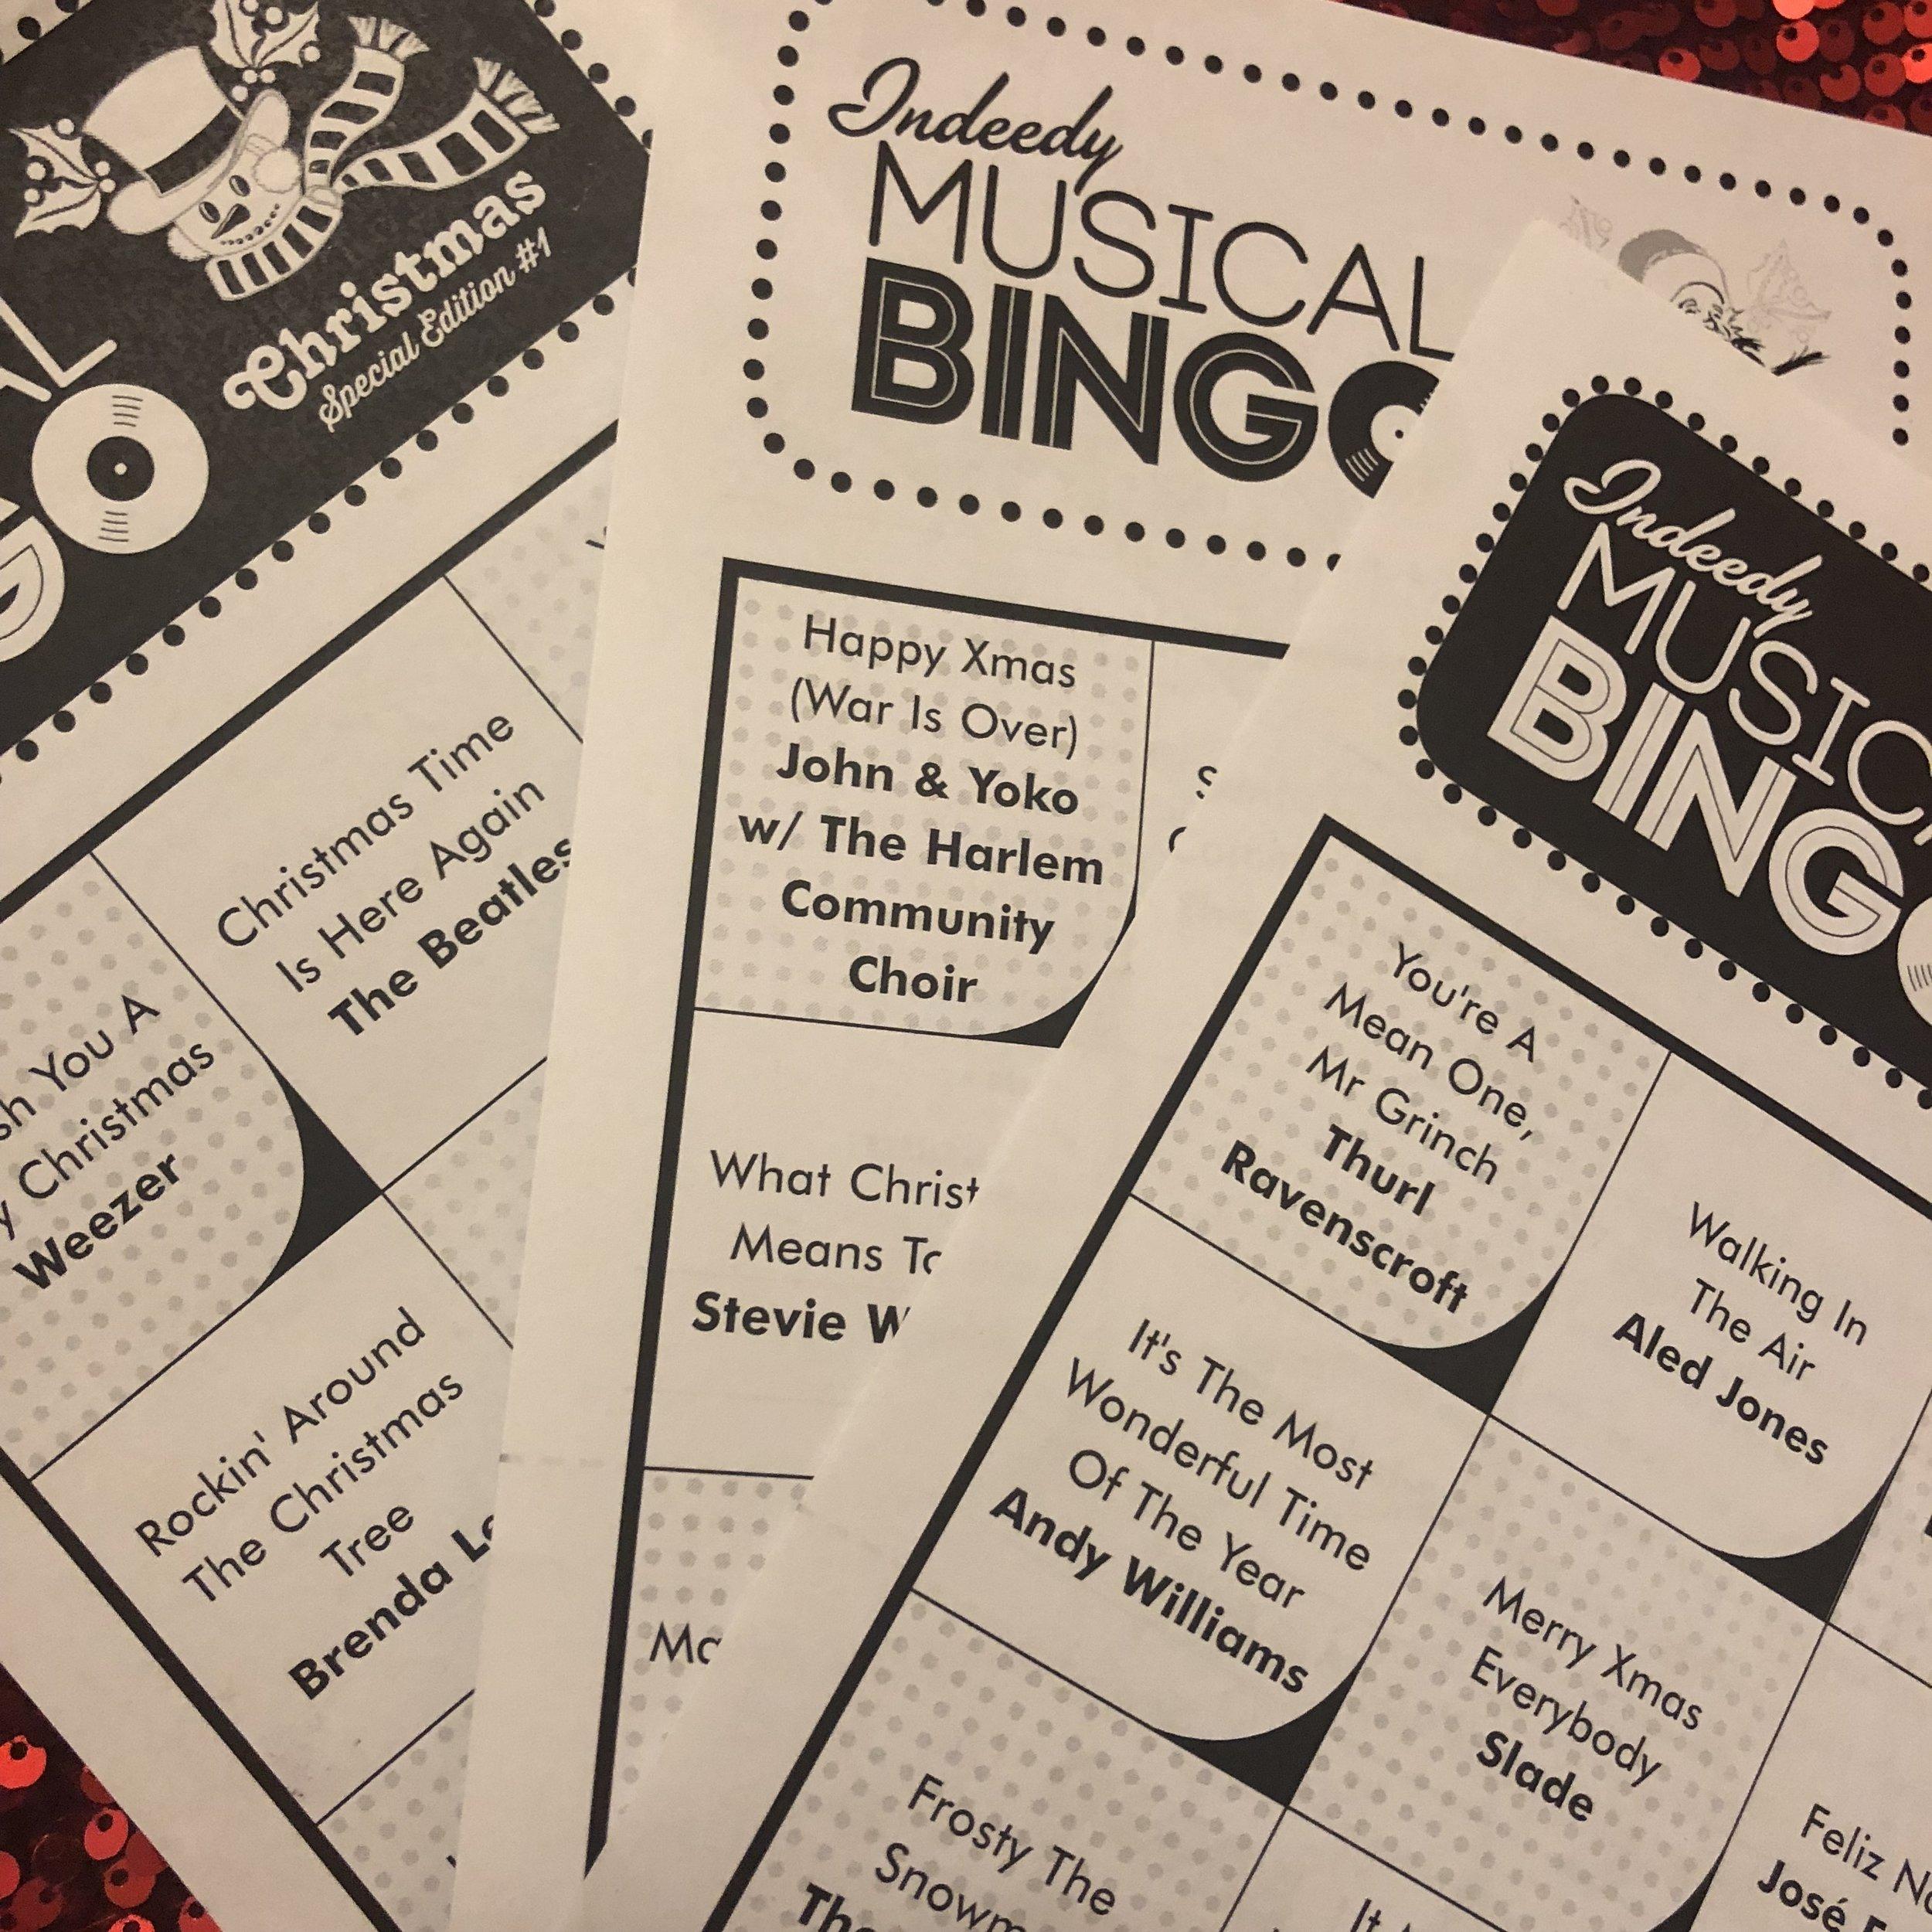 Indeedy Christmas Musical Bingo